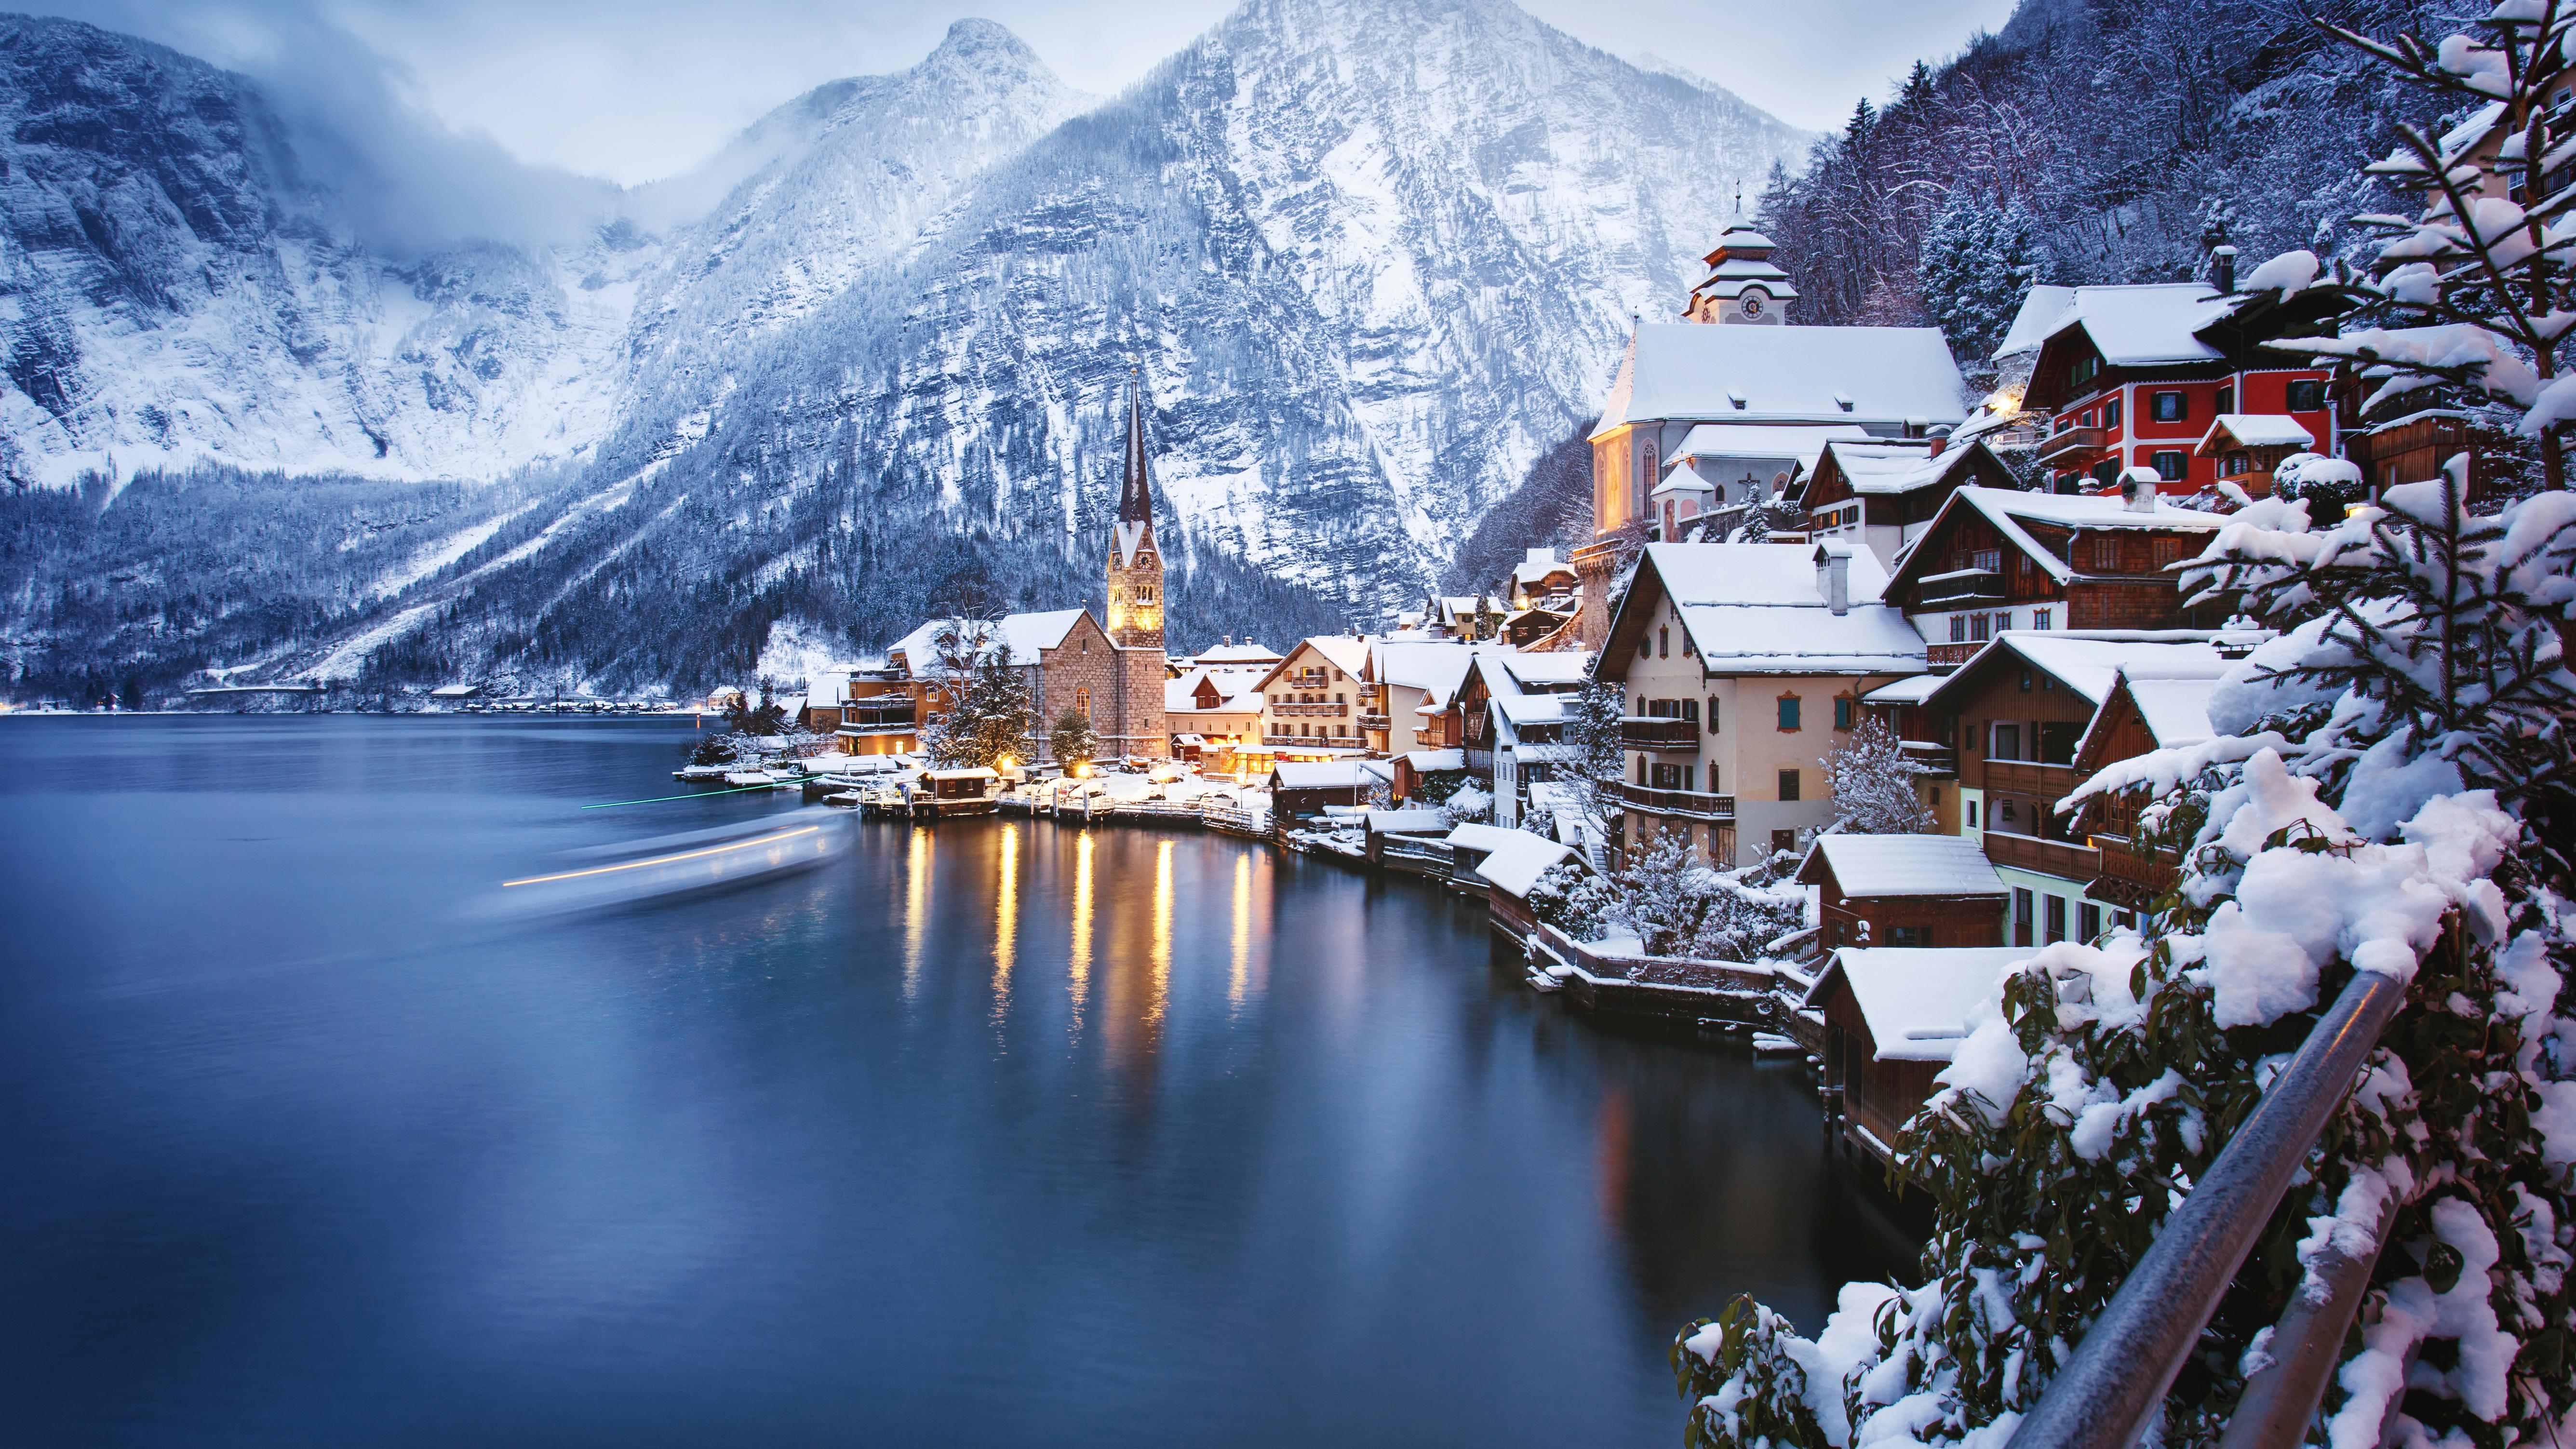 Зимний вид на Альпы и деревню Гальштат в Австрии, ВНЖ которой могут получить россияне